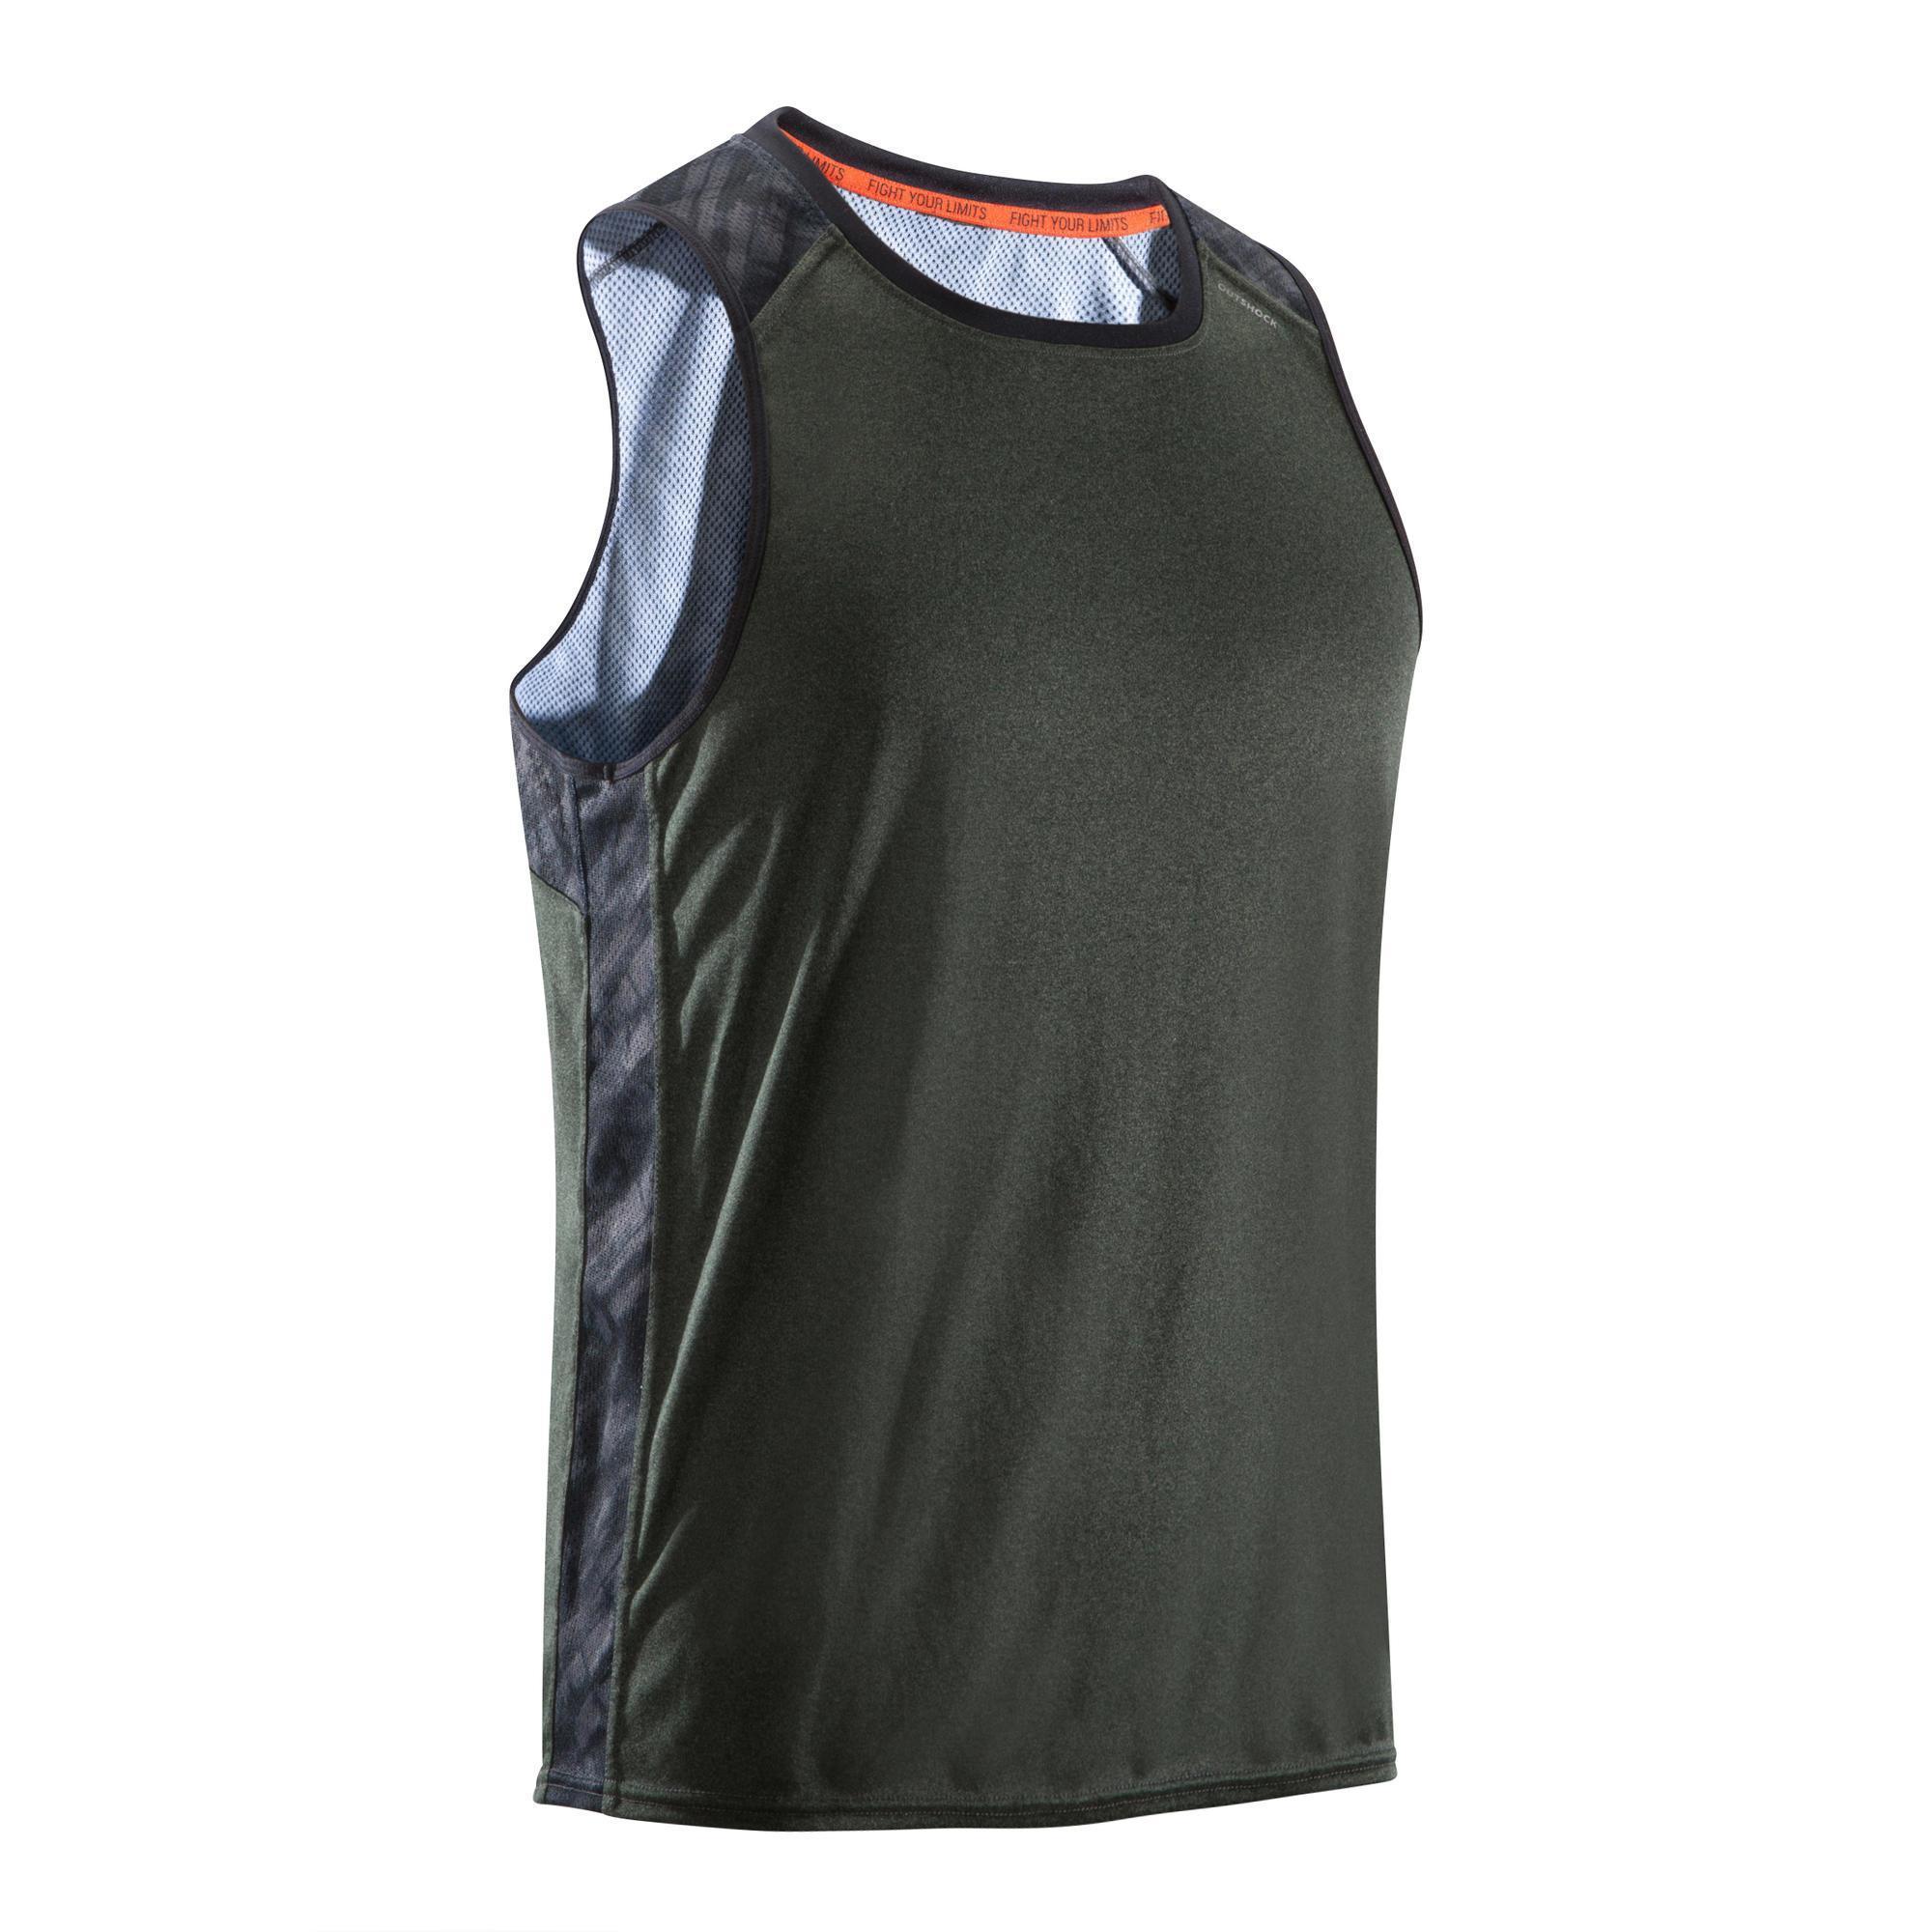 Outshock Mouwloos boksshirt 500 voor heren, licht en ademend